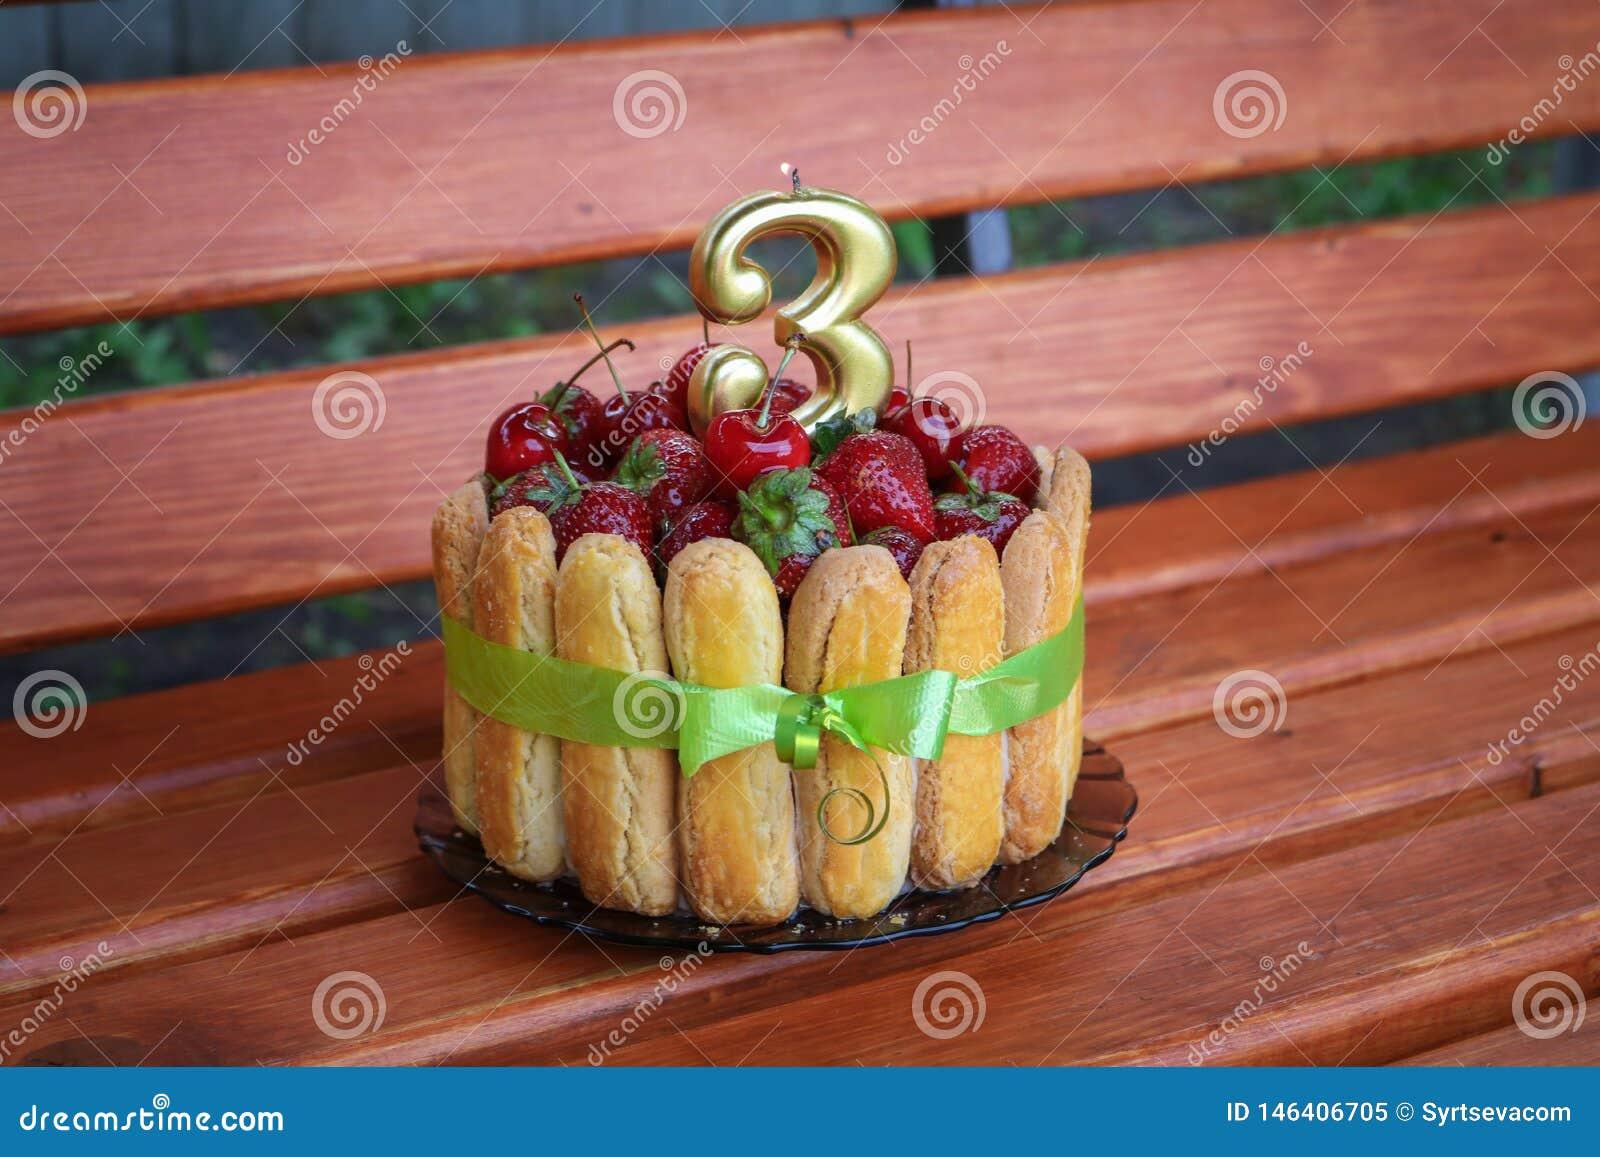 Verjaardagscake met aardbeien en kersen op een houten achtergrond